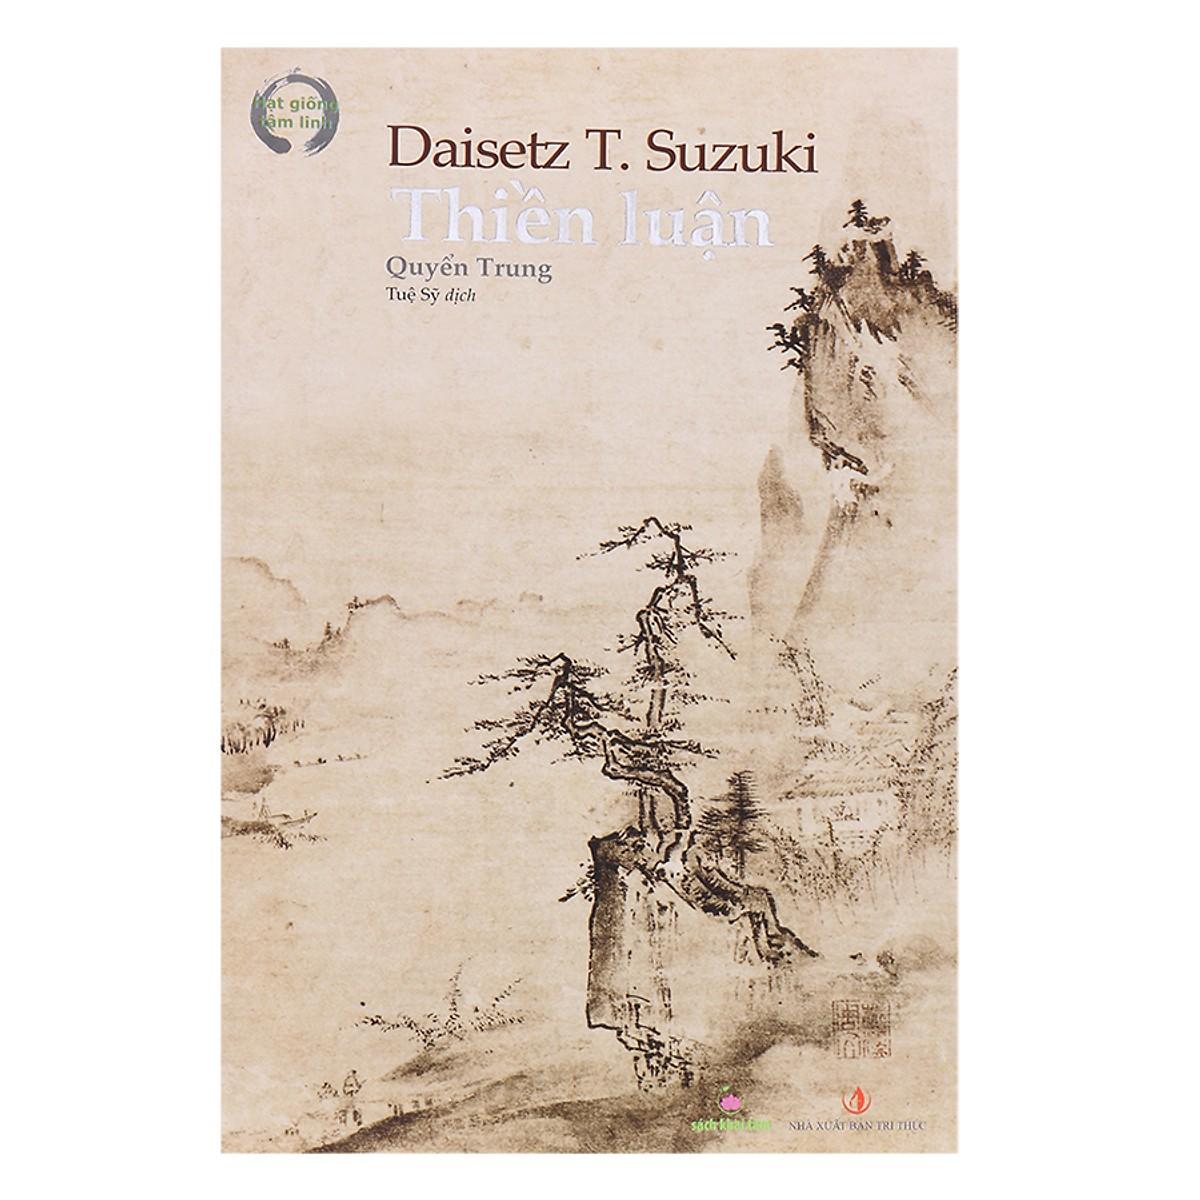 Thiền Luận - Trọn bộ 3 quyển (Tái bản lần đầu tiên sau bản in năm 1972)